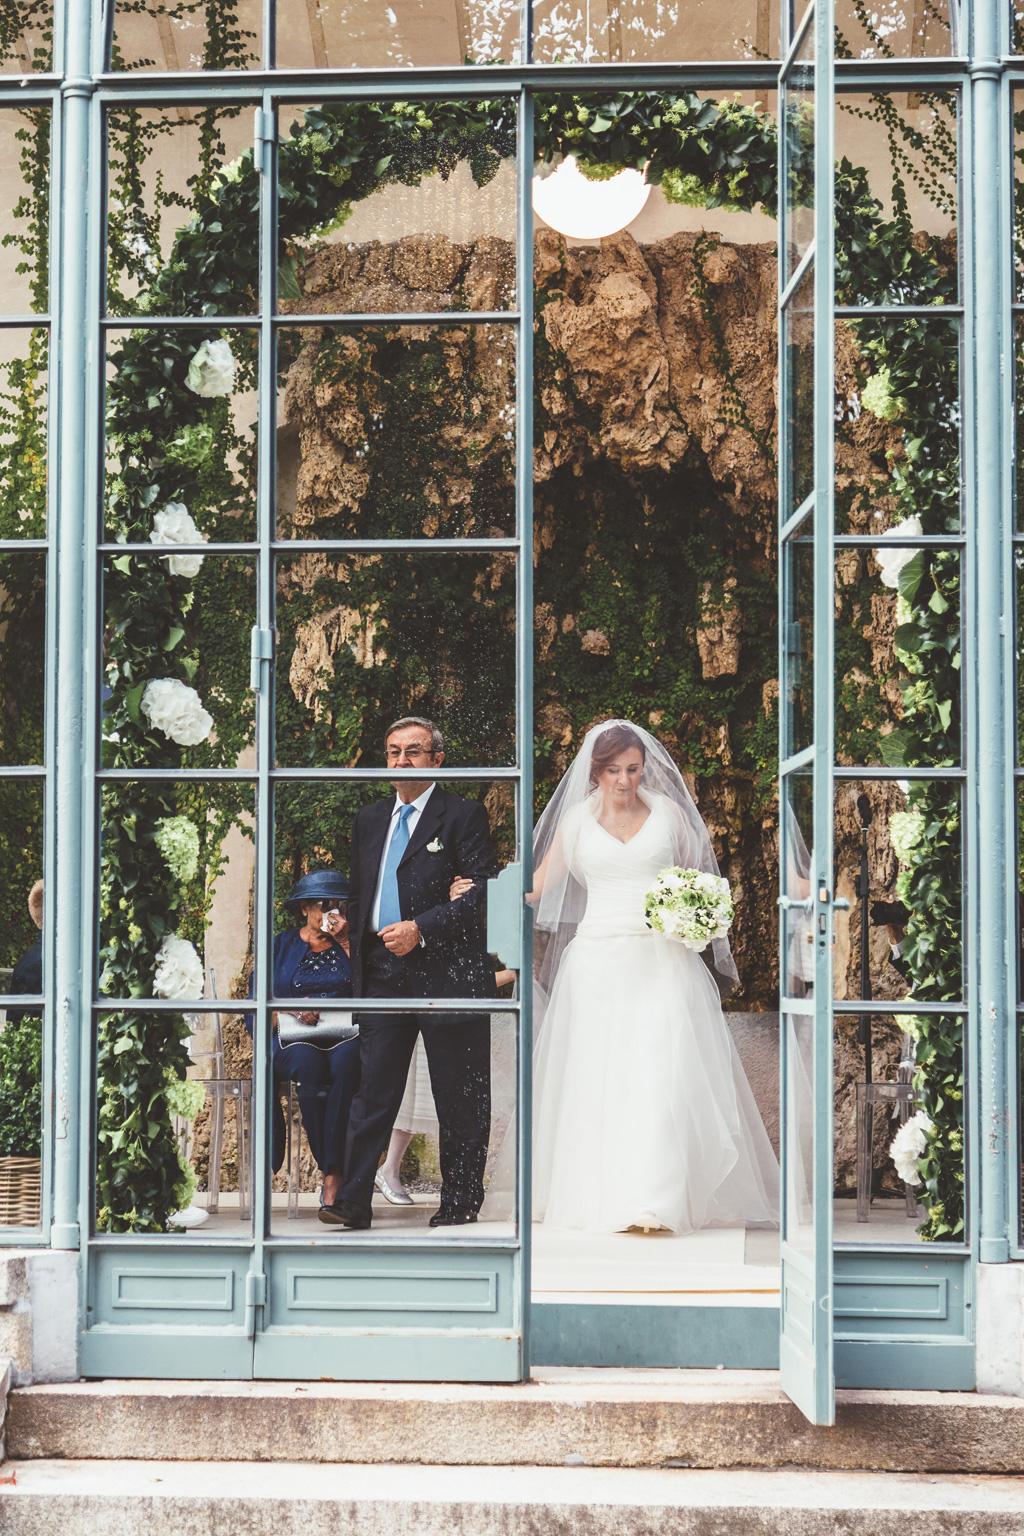 Il padre e la figlia Daniela superano la porta a vetro per raggiungere lo sposo in una foto di Della Savia fotografo presso Milano